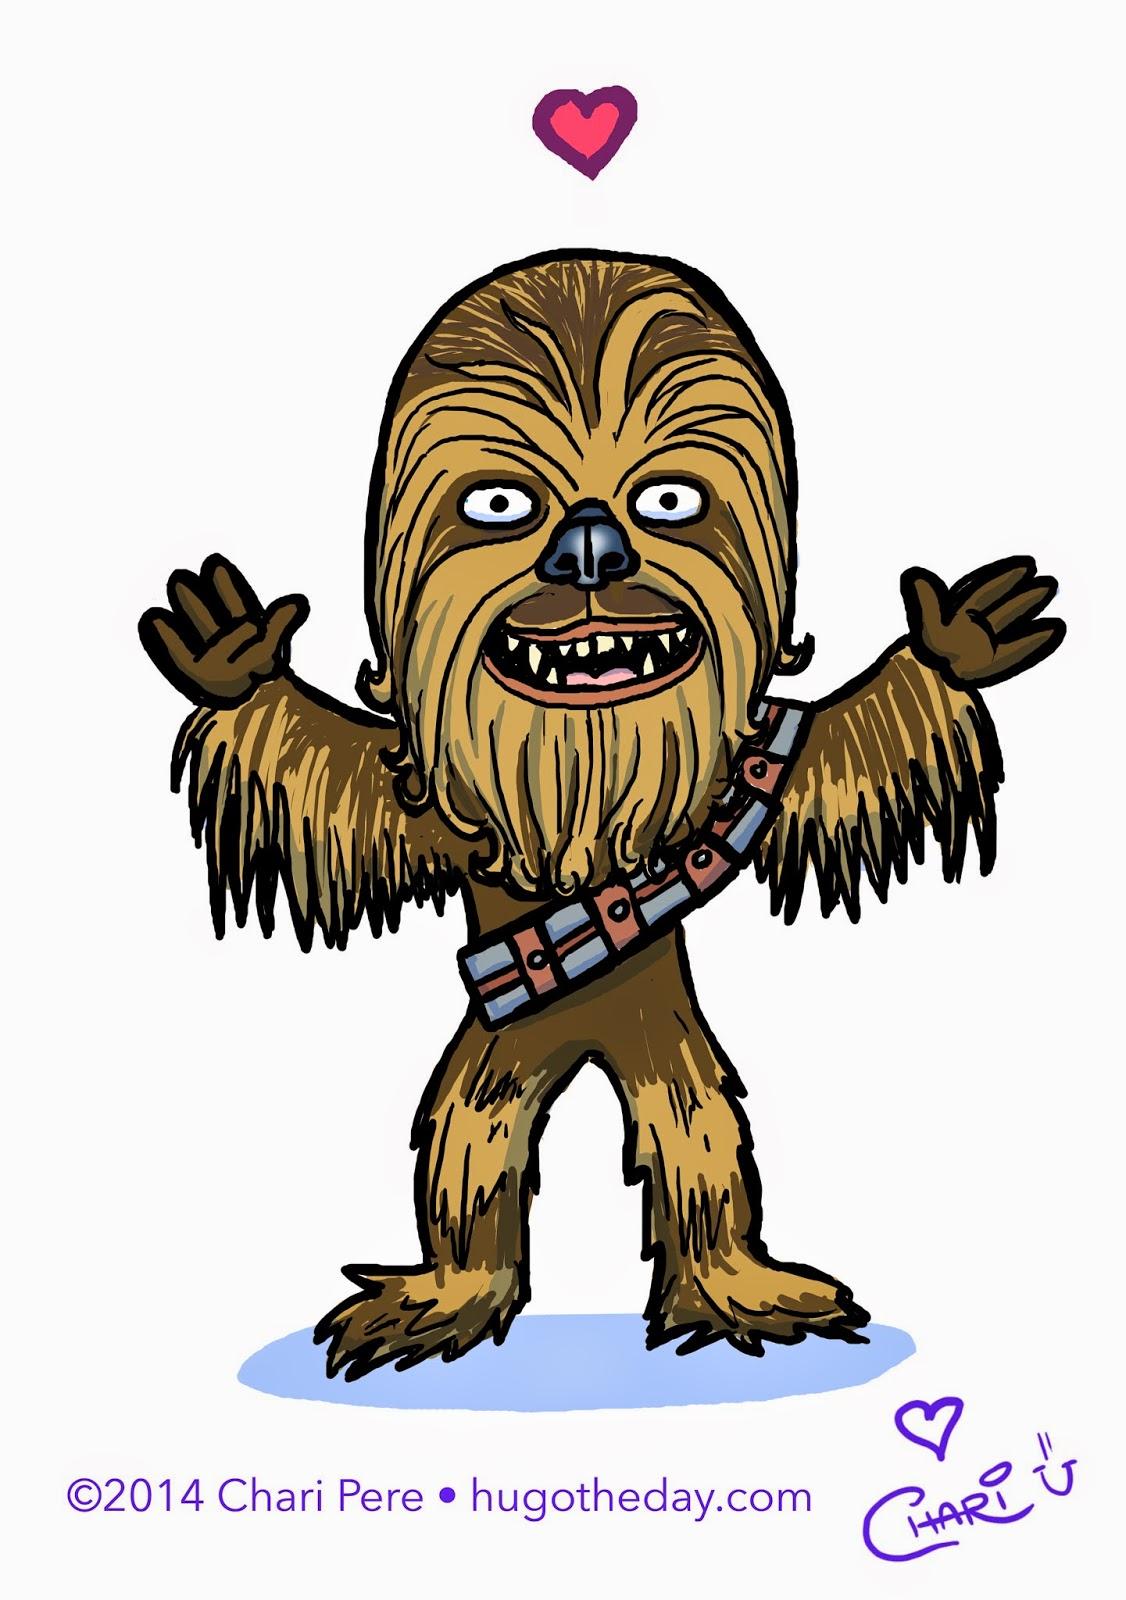 how to talk like chewbacca